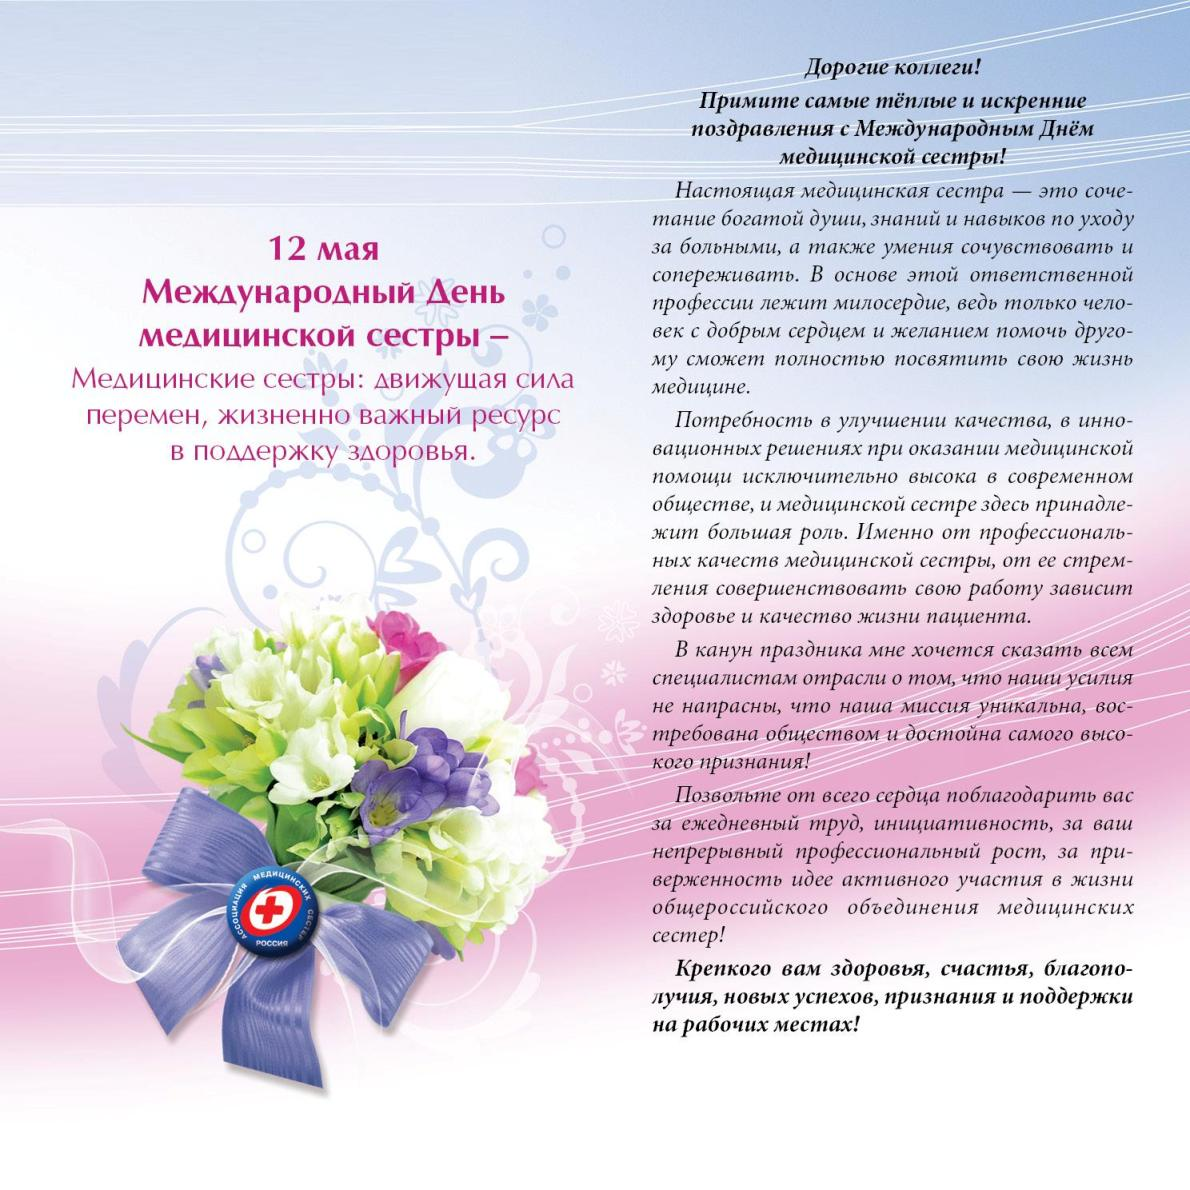 Поздравления с юбилеем для женщины-медицинского работника